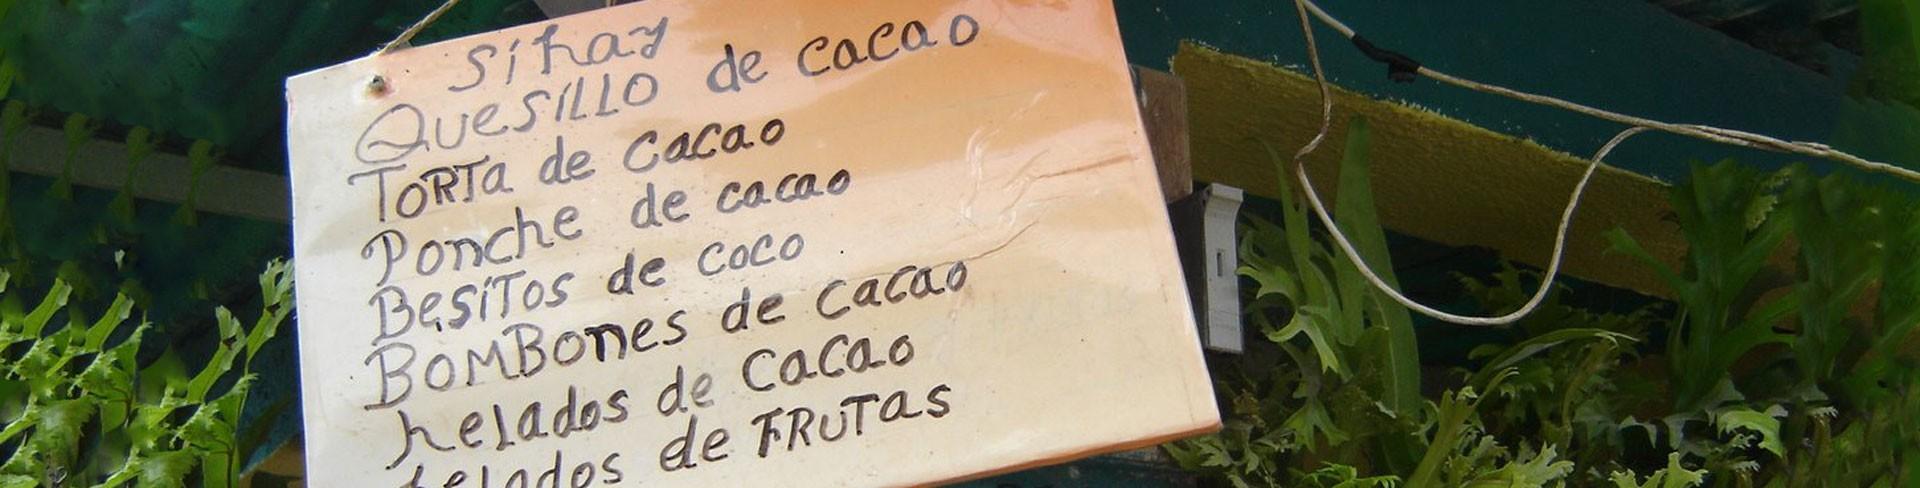 CATAS DE CHOCOLATE e INICIACION A LA ELABORACION DE CHOCOLATE BEAN TO BAR